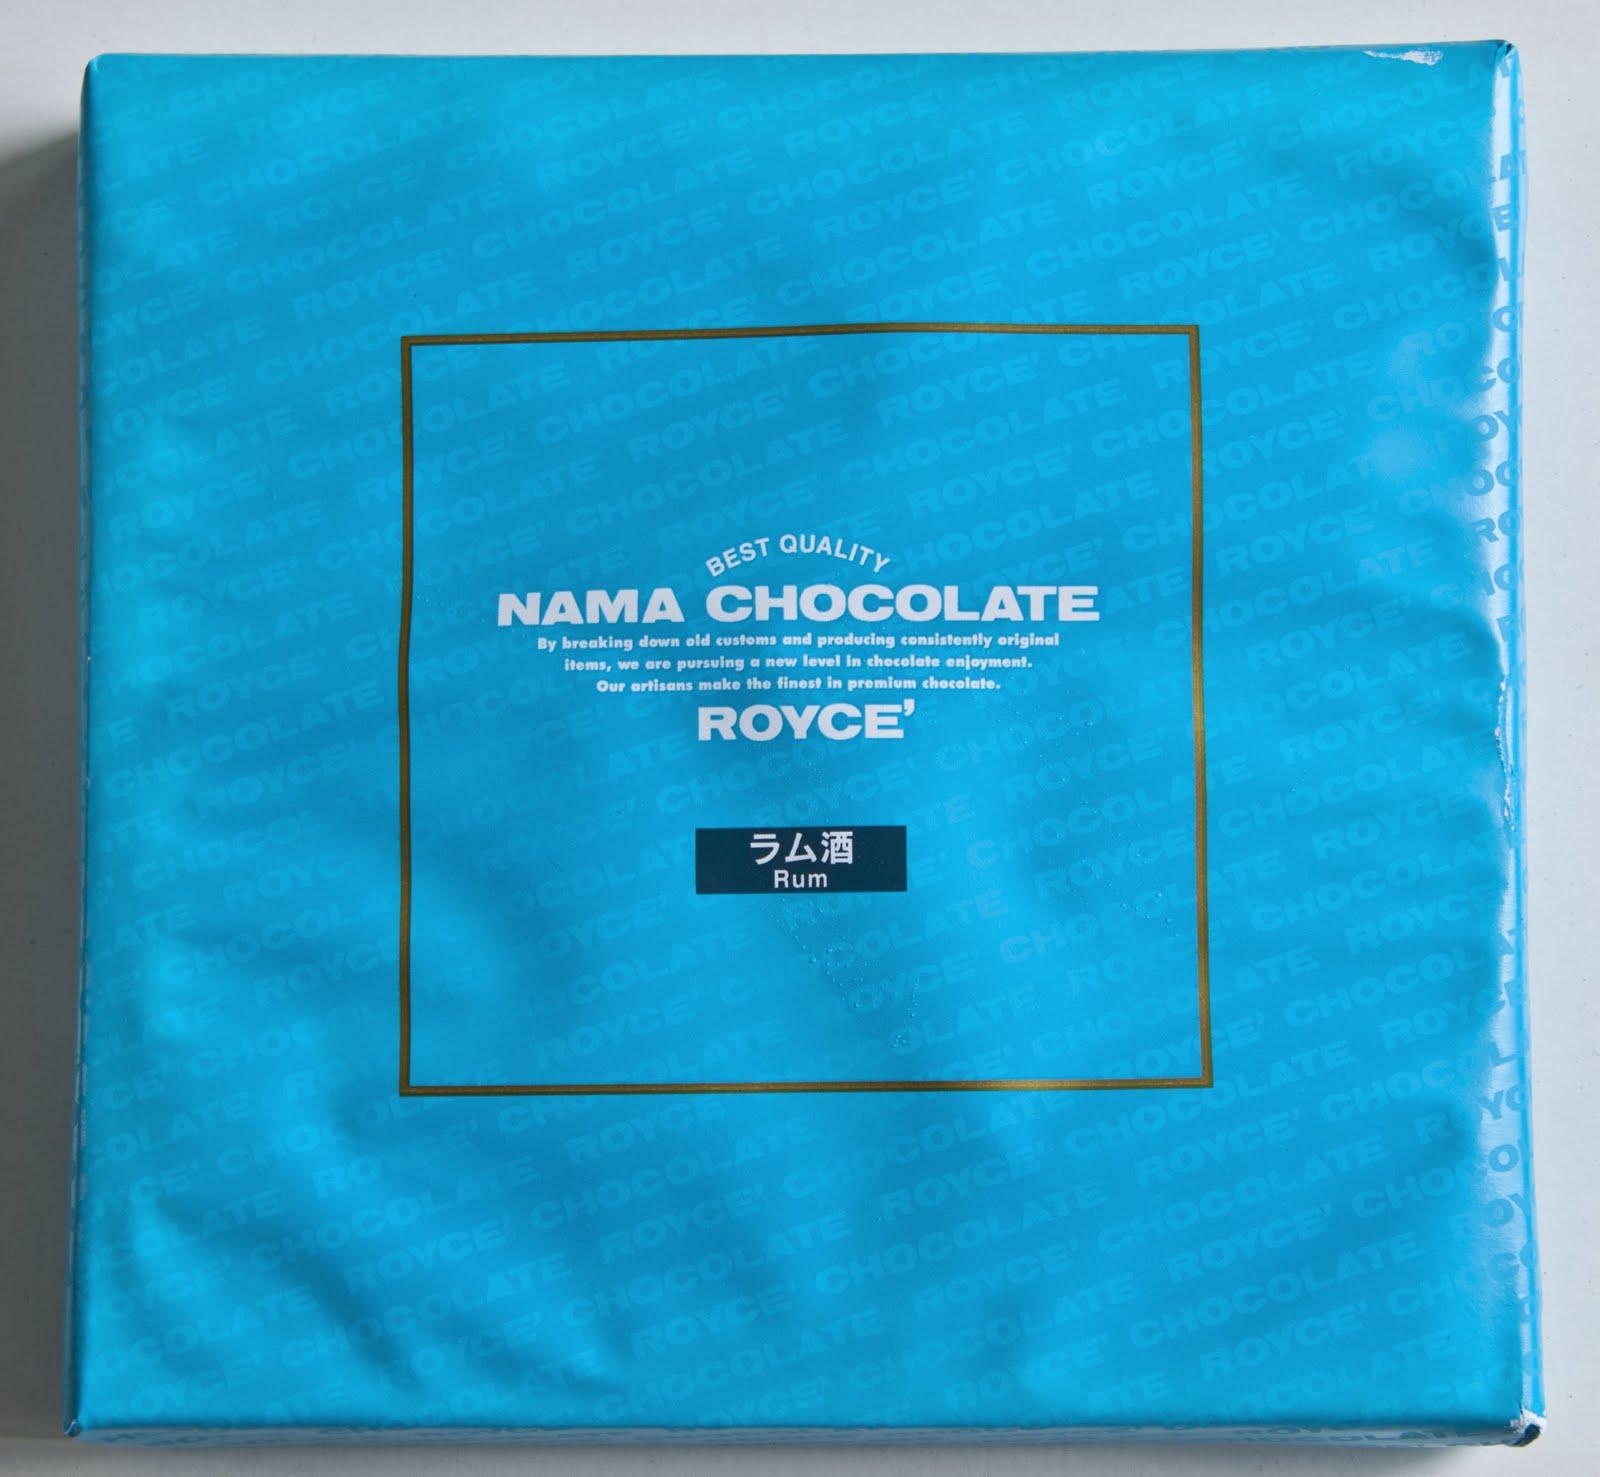 Royce Nama Chocolate - Rum   Journey through Life